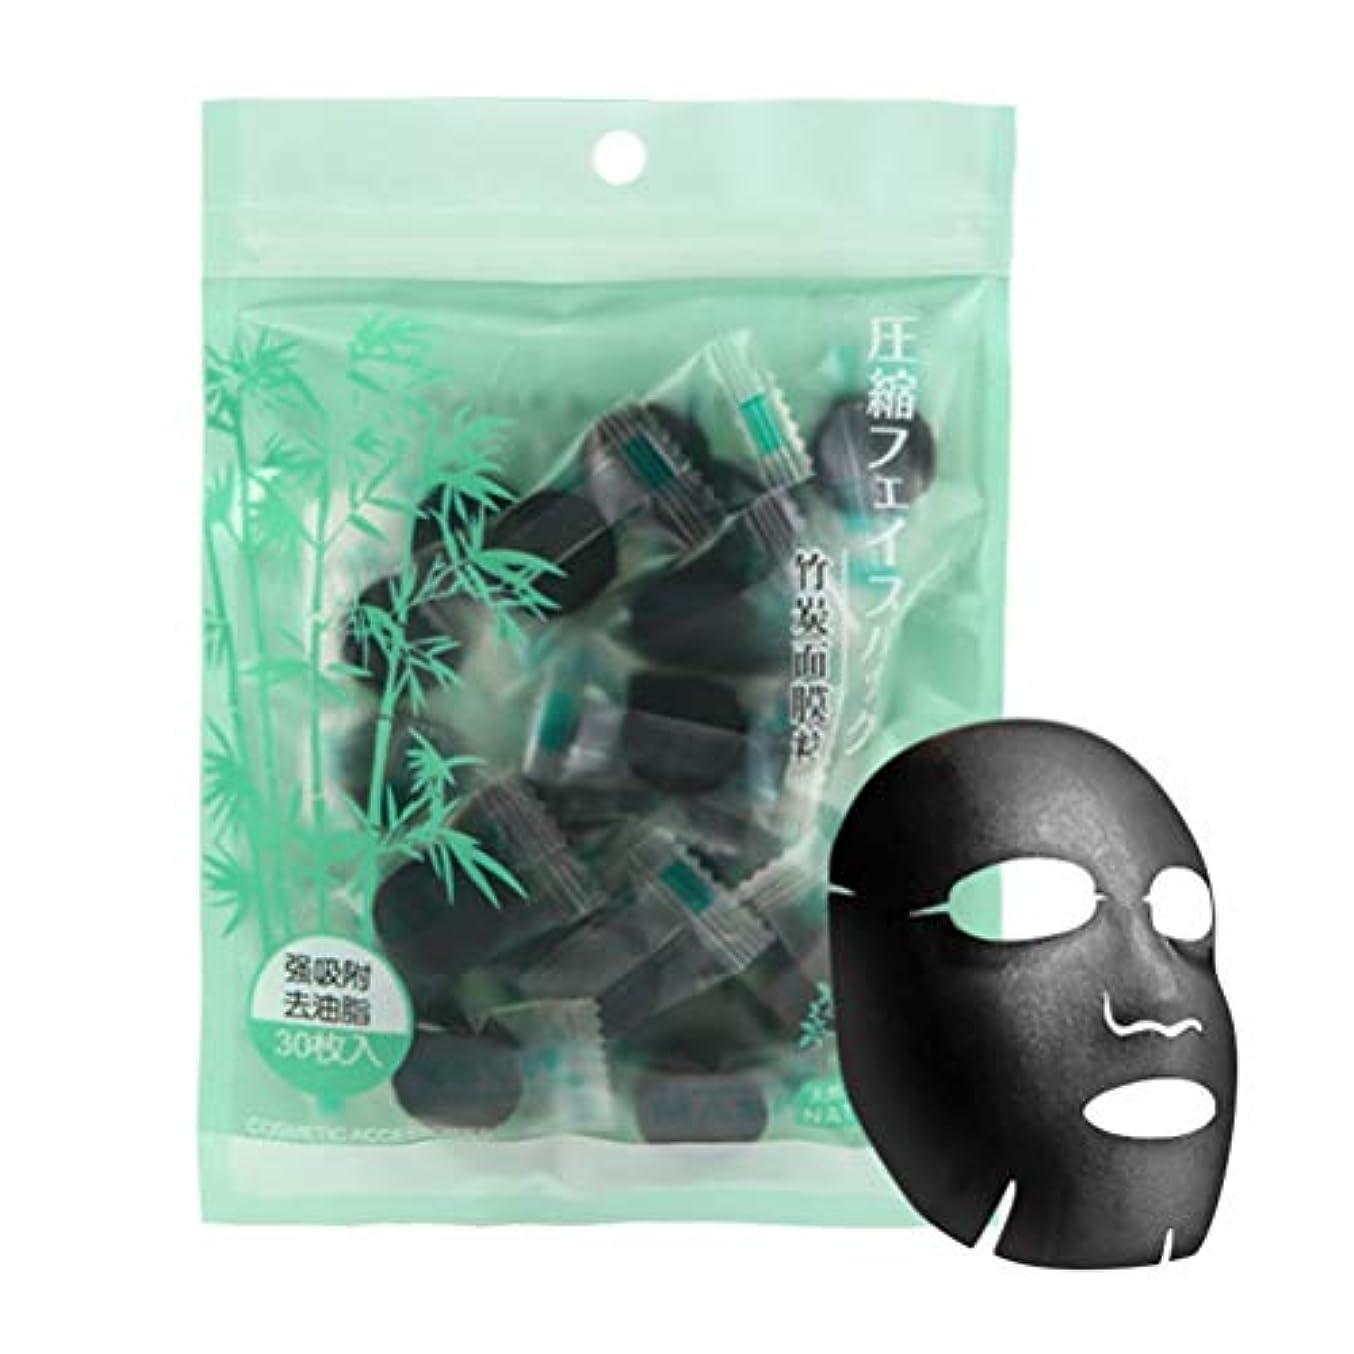 仕立て屋引数参照するHEALLILY 30ピース使い捨てフェイシャルマスクDIY天然竹炭圧縮フェイシャルマスクシートスキンケアマスク